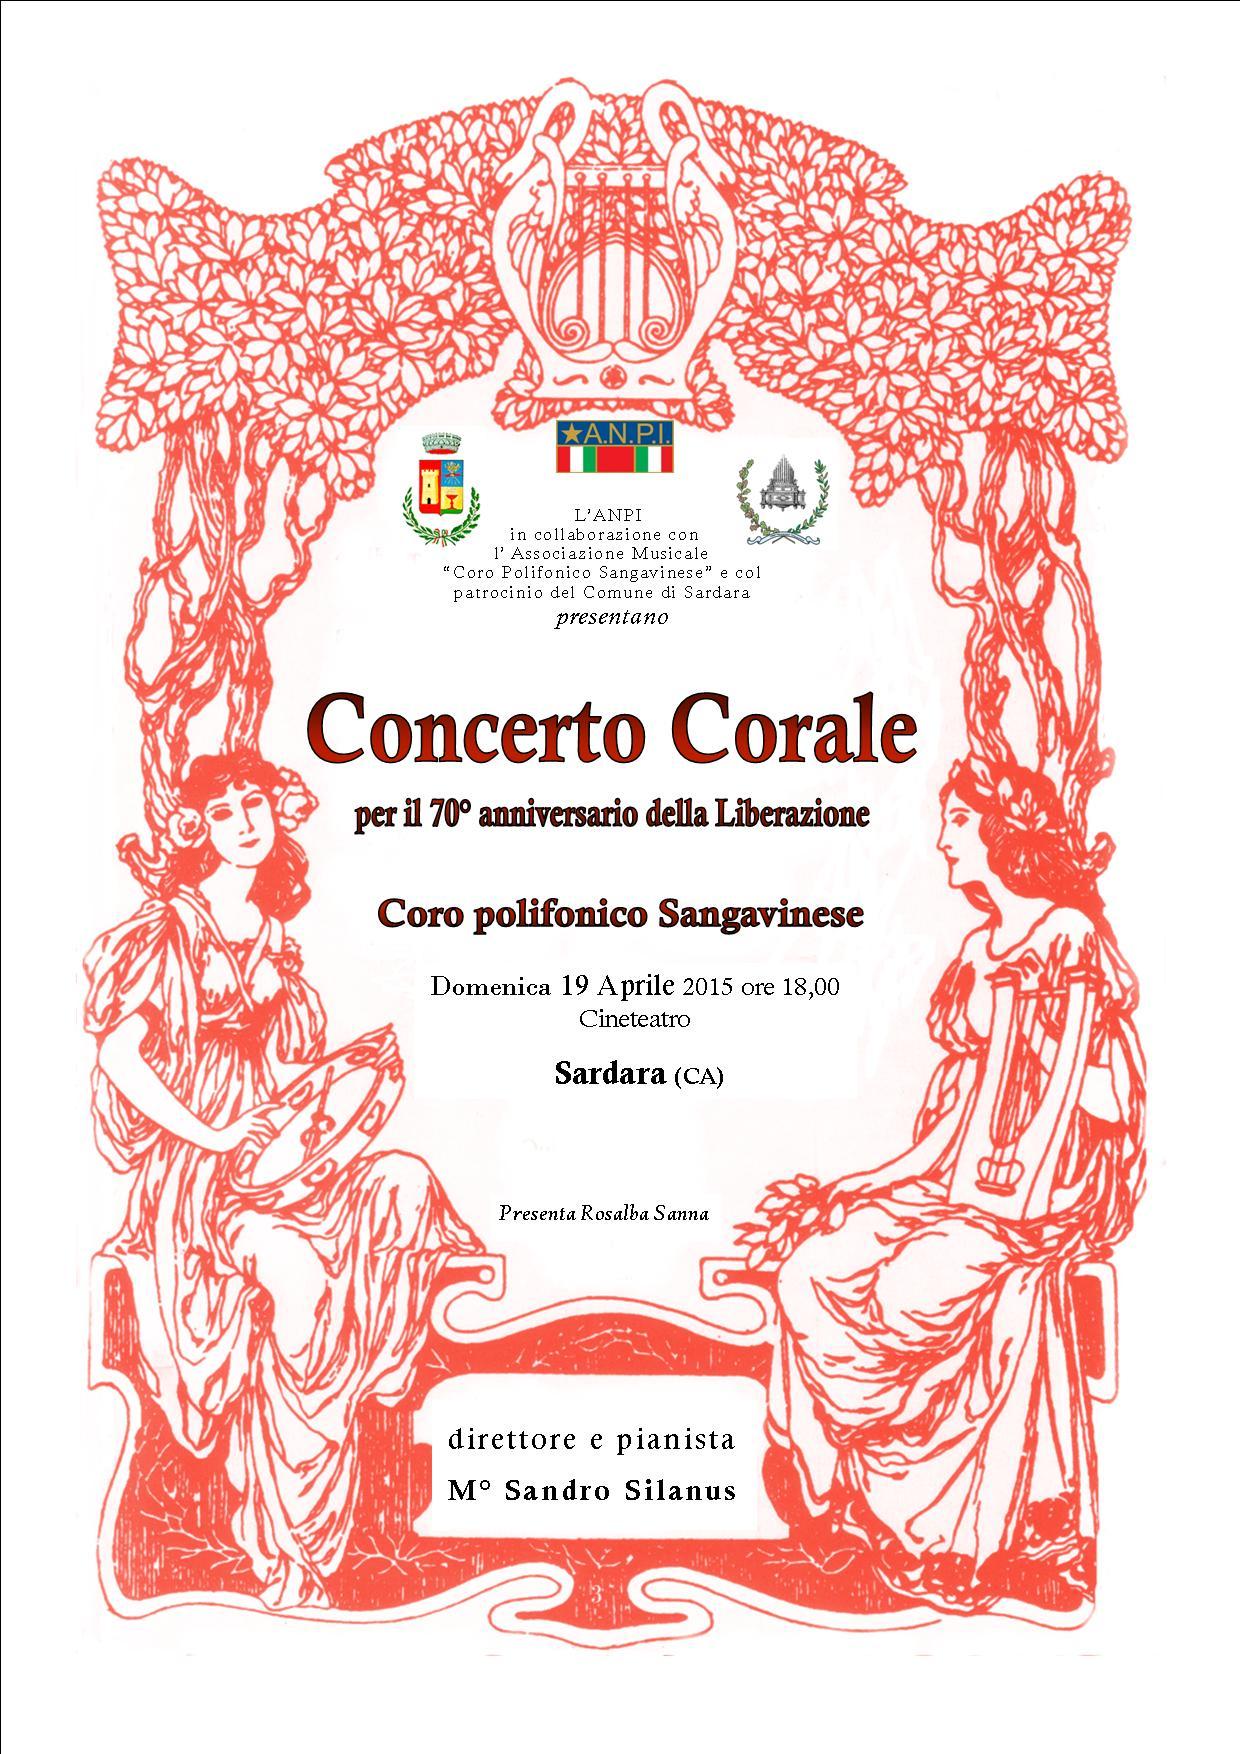 Concerto corale per il 70° anniversario della Liberazione